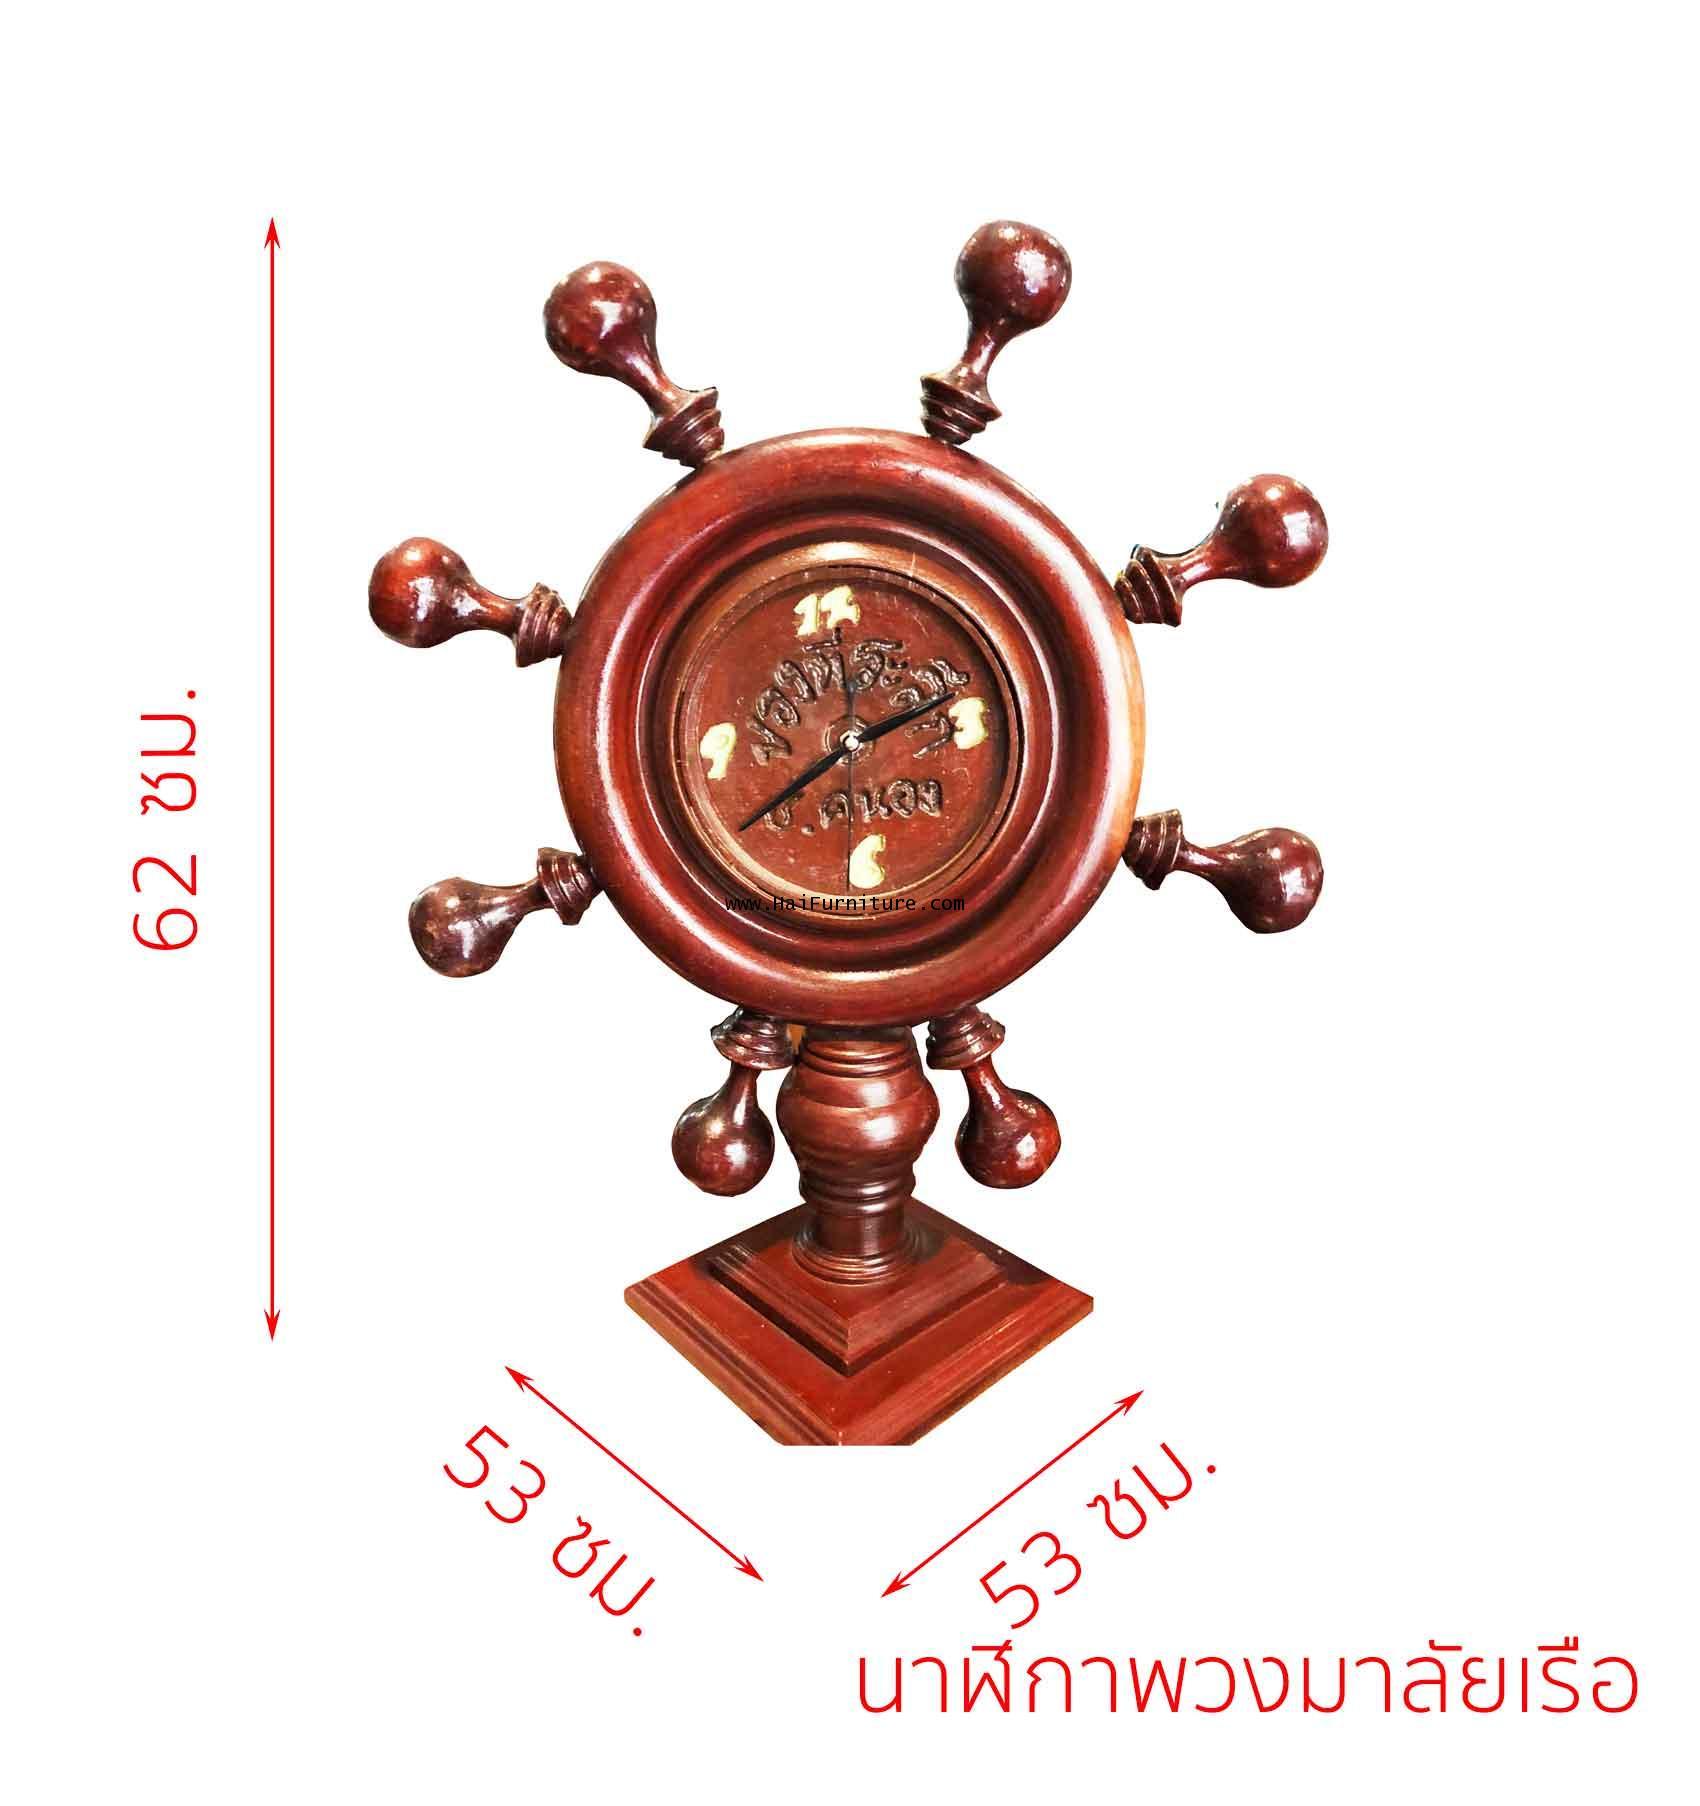 นาฬิกาไม้มะค่า พวกมาลัยเรือ 53*53*62 ซม.